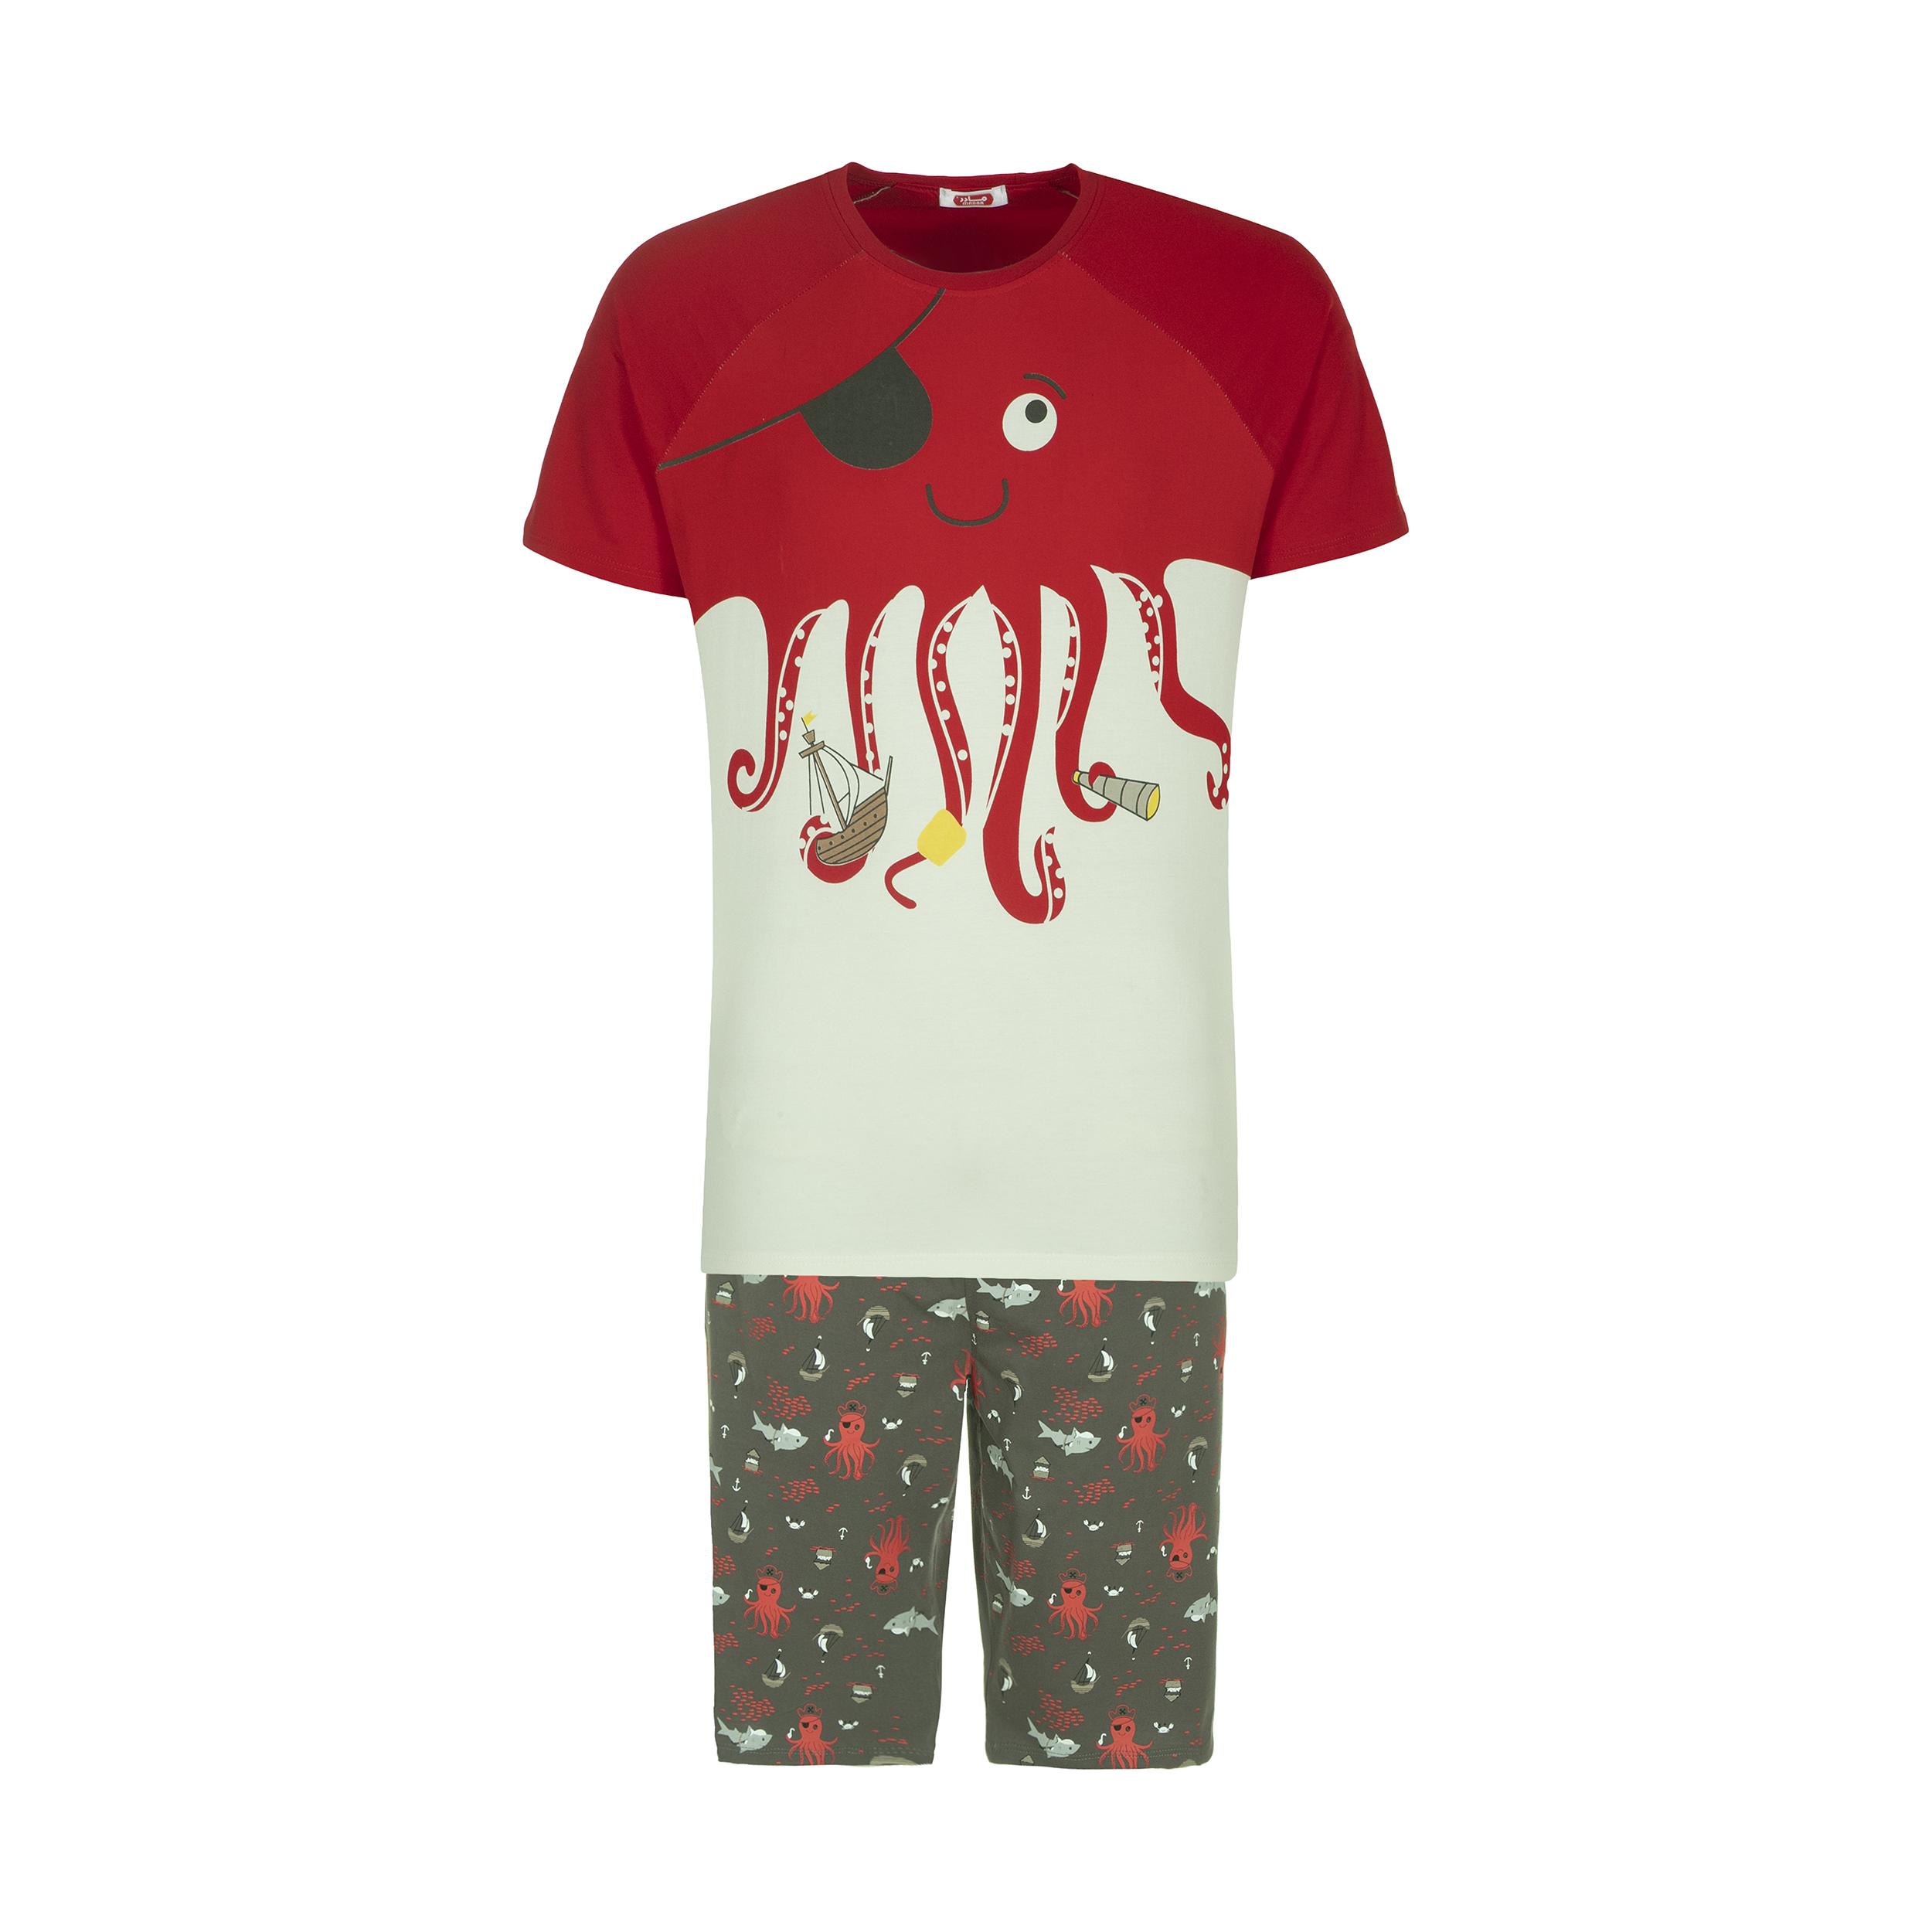 ست تی شرت و شلوارک راحتی مردانه مادر مدل 2041107-74 -  - 2